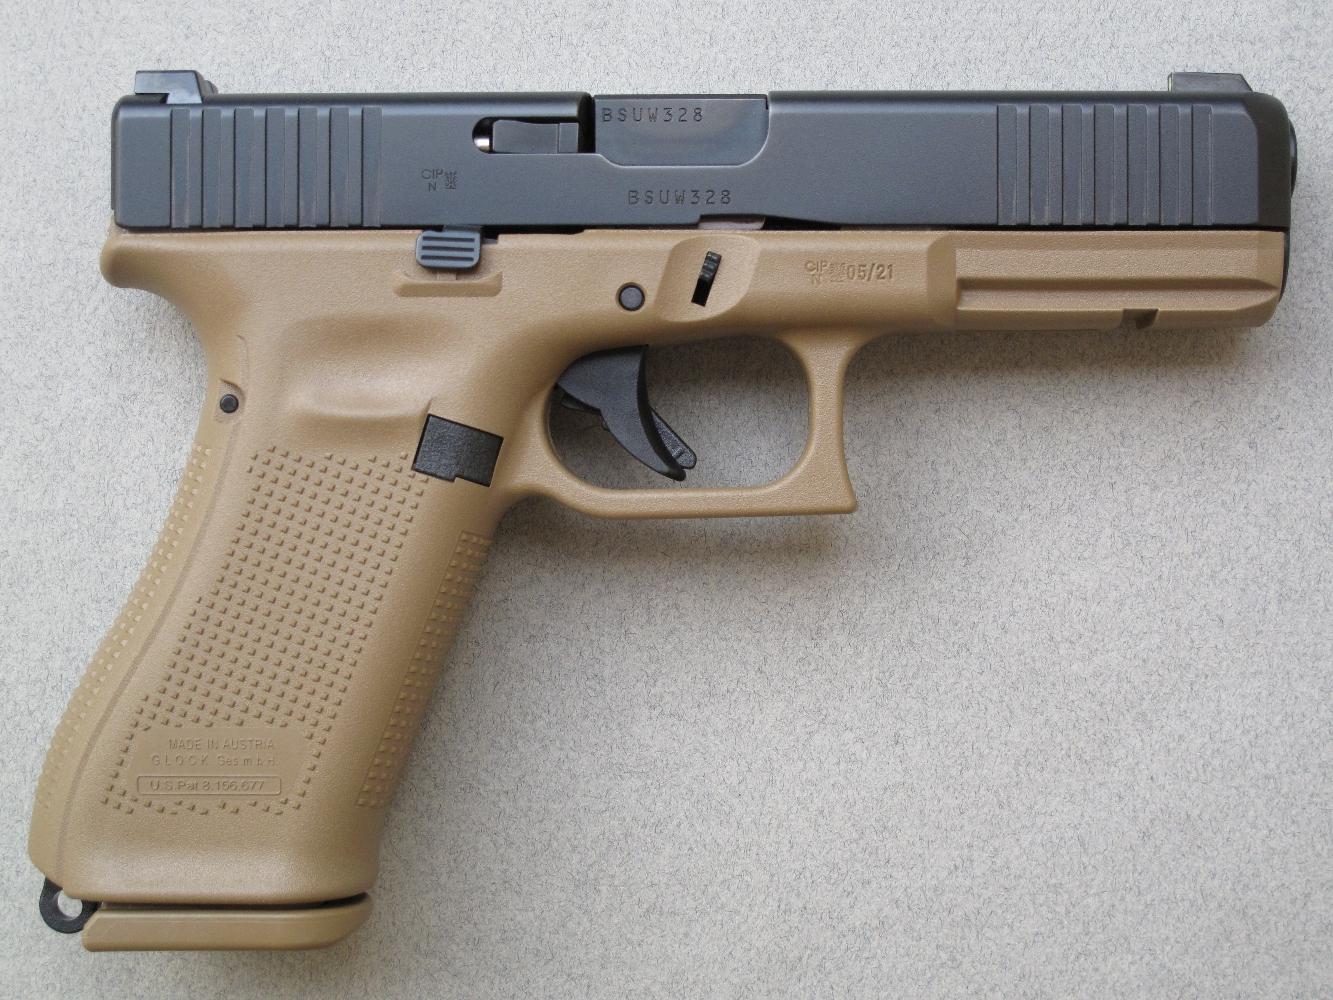 La platine Safe Action, particulière aux pistolets Glock, est ici en position de tir (percuteur partiellement armé), comme l'atteste la position avancée de la queue de détente.